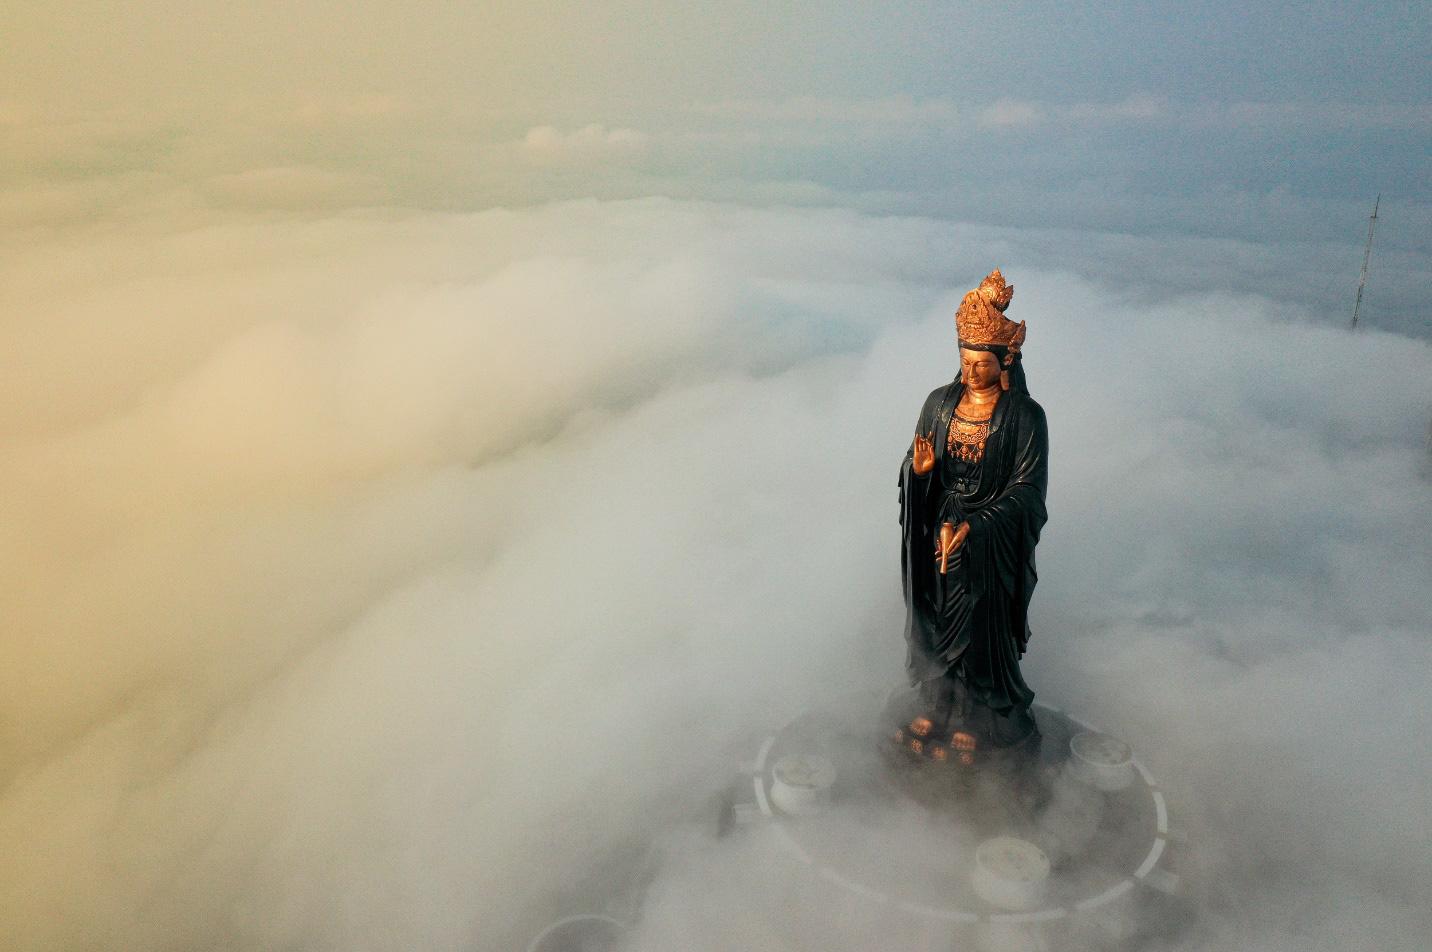 Bạn đã lầm nếu nghĩ núi Bà Đen chỉ có chóp tháp 986m, ẩn giữa mây trắng là một miền tiên cảnh linh thiêng tuyệt mỹ và những món ăn cực chất - Ảnh 4.